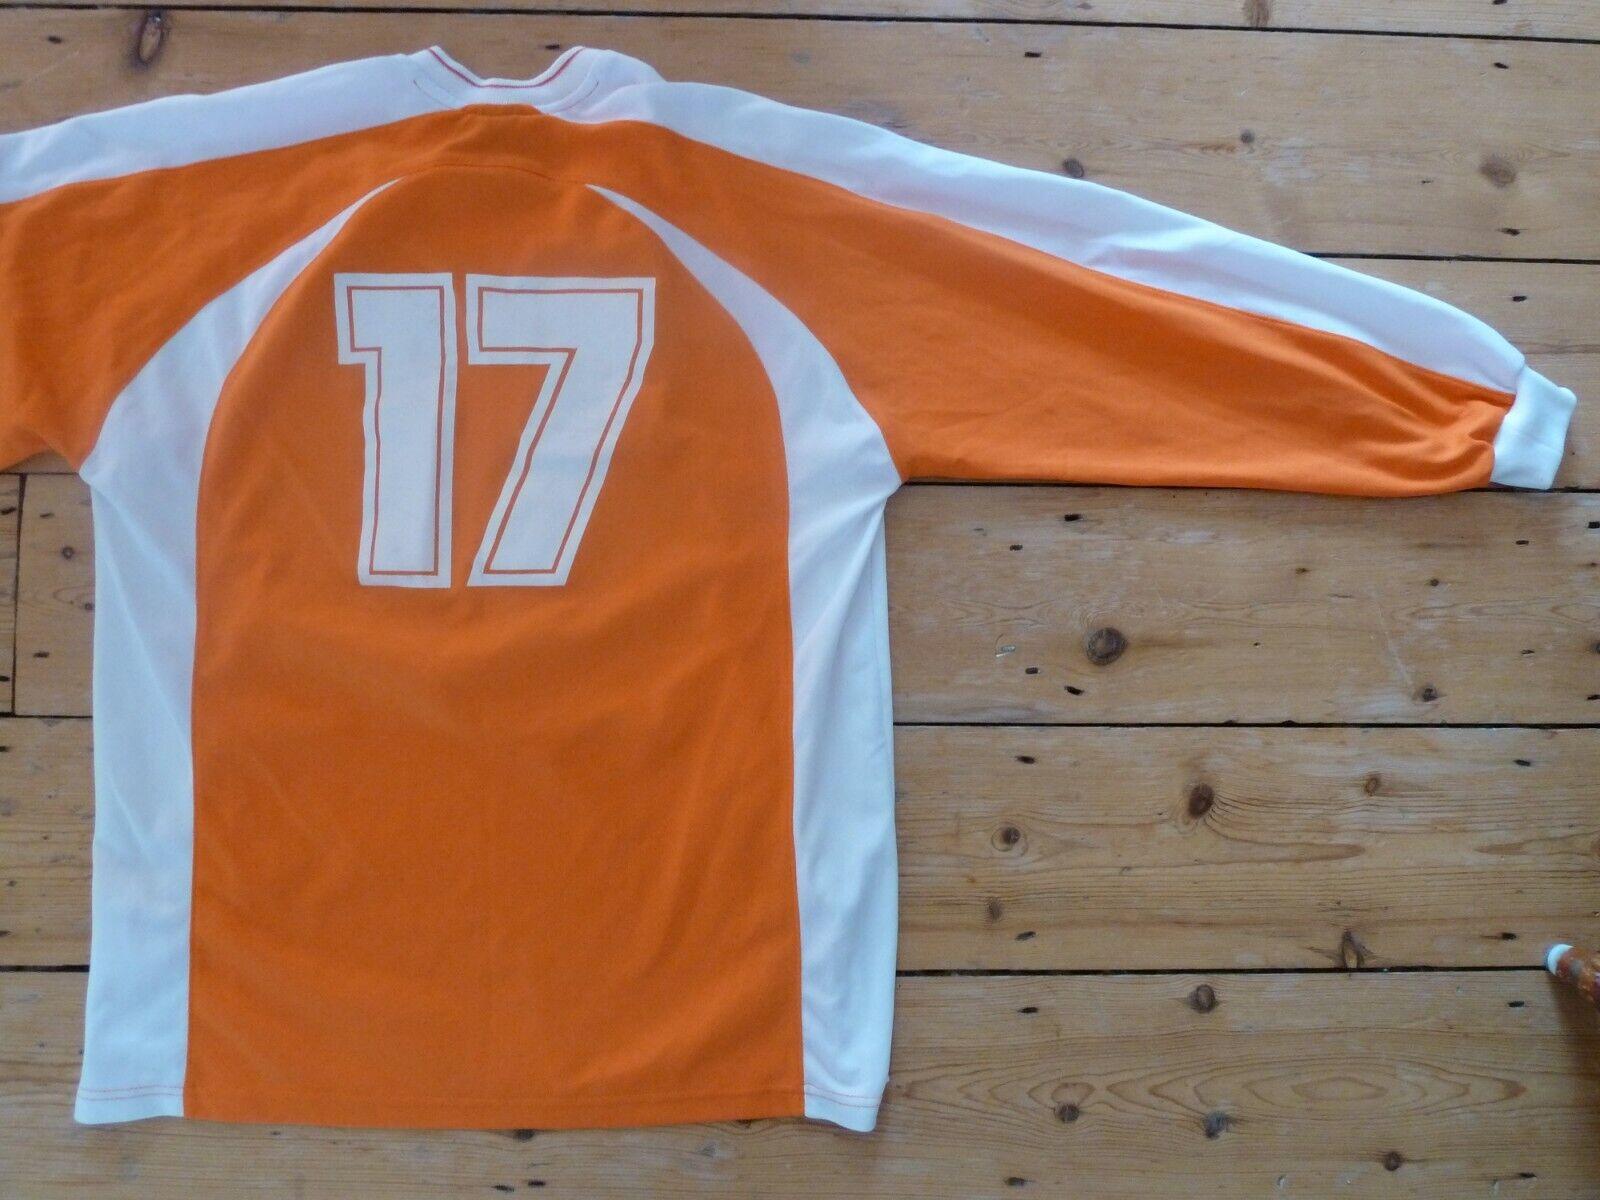 Stranraer Maglia da Calcio fuori Casa L S    17 Player Issue 2001 | Vinci molto apprezzato  | Conosciuto per la sua buona qualità  74174f